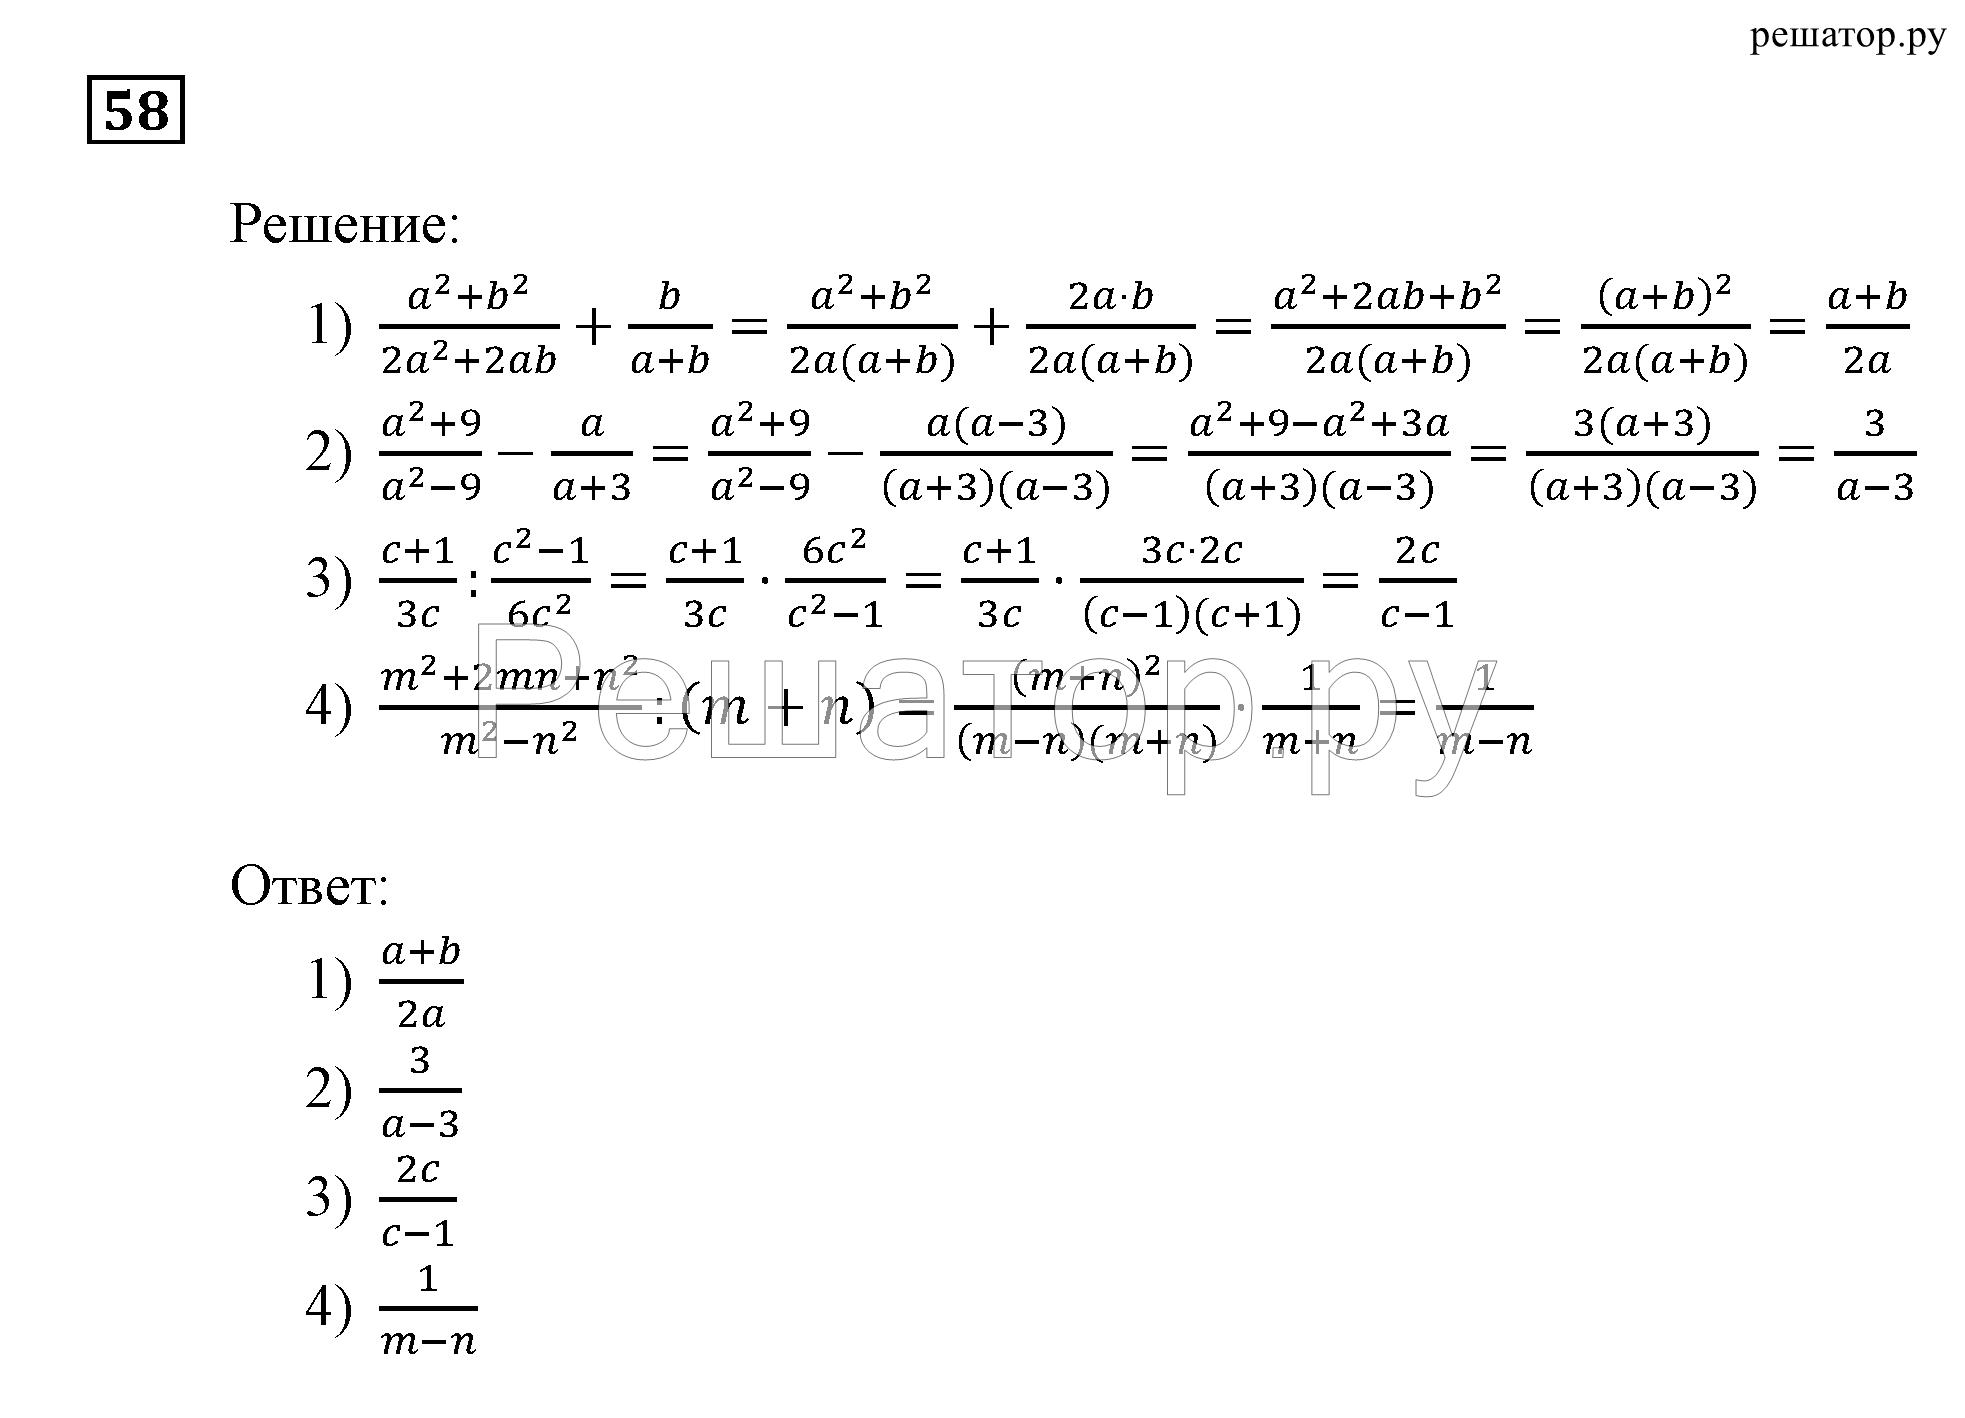 Алгебра 9 класс гдз мерзляк a г полонский и б якир м с 1н2айн